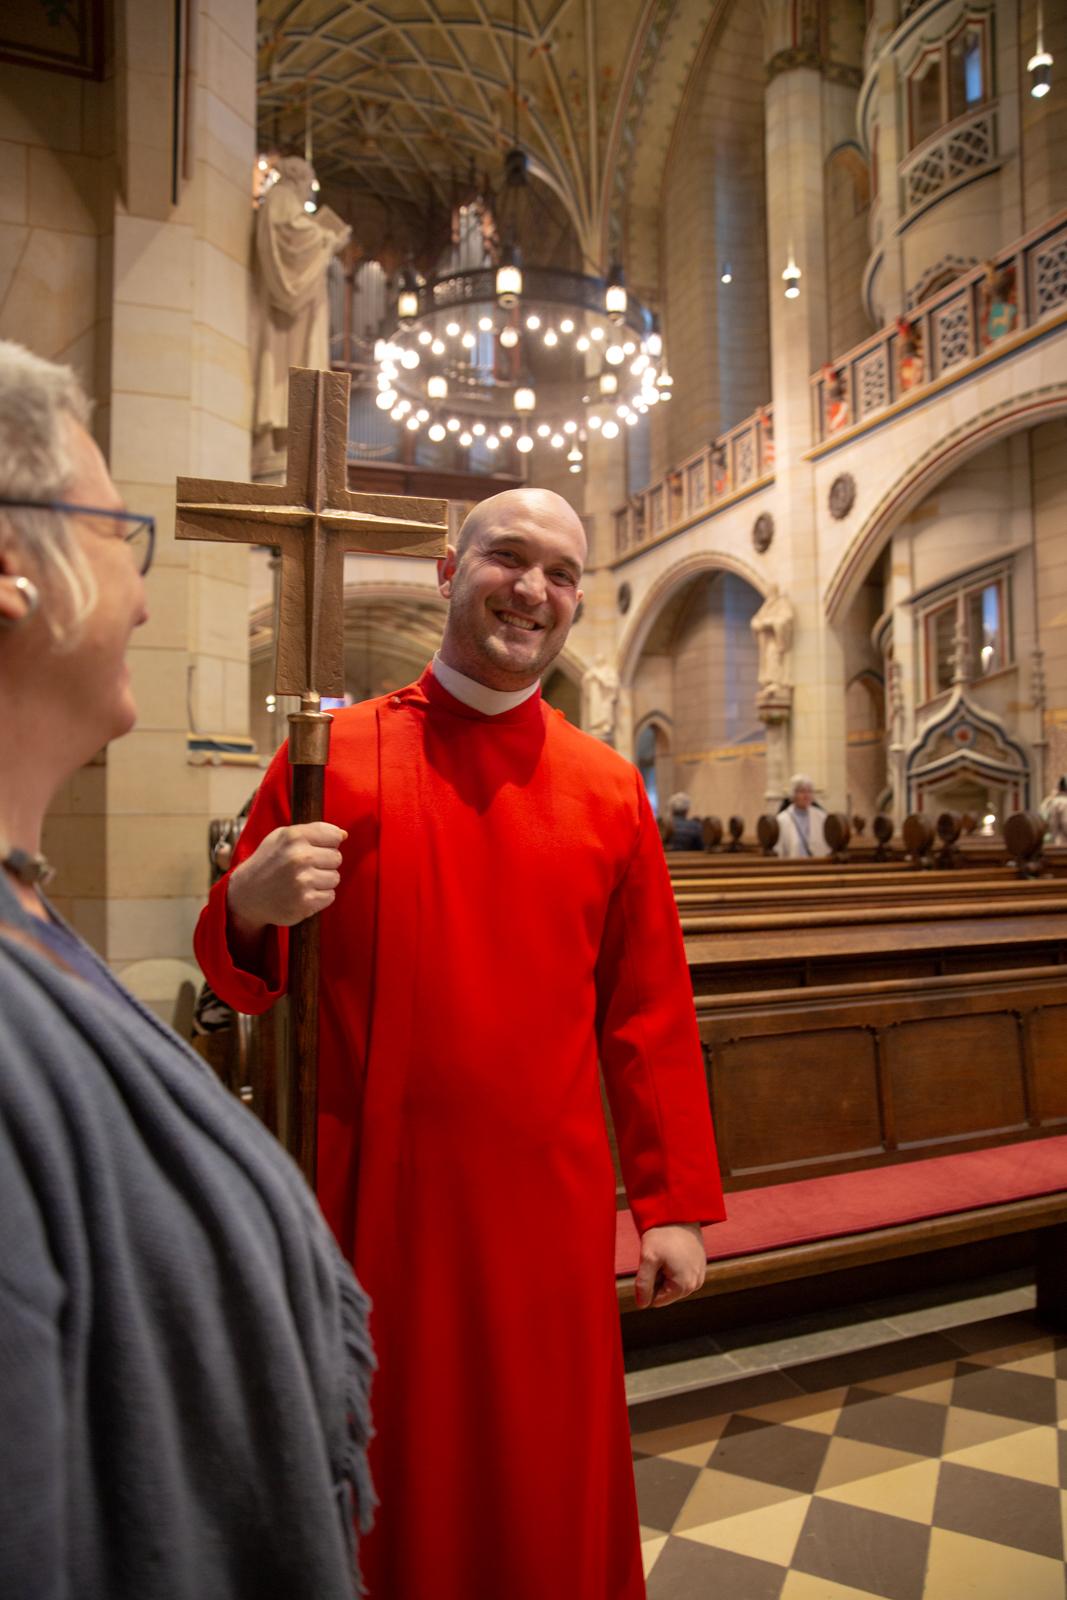 En meget anonym herre spørger om vi tror hans mor bliver sur hvis han tager Luthers kors med hjem.